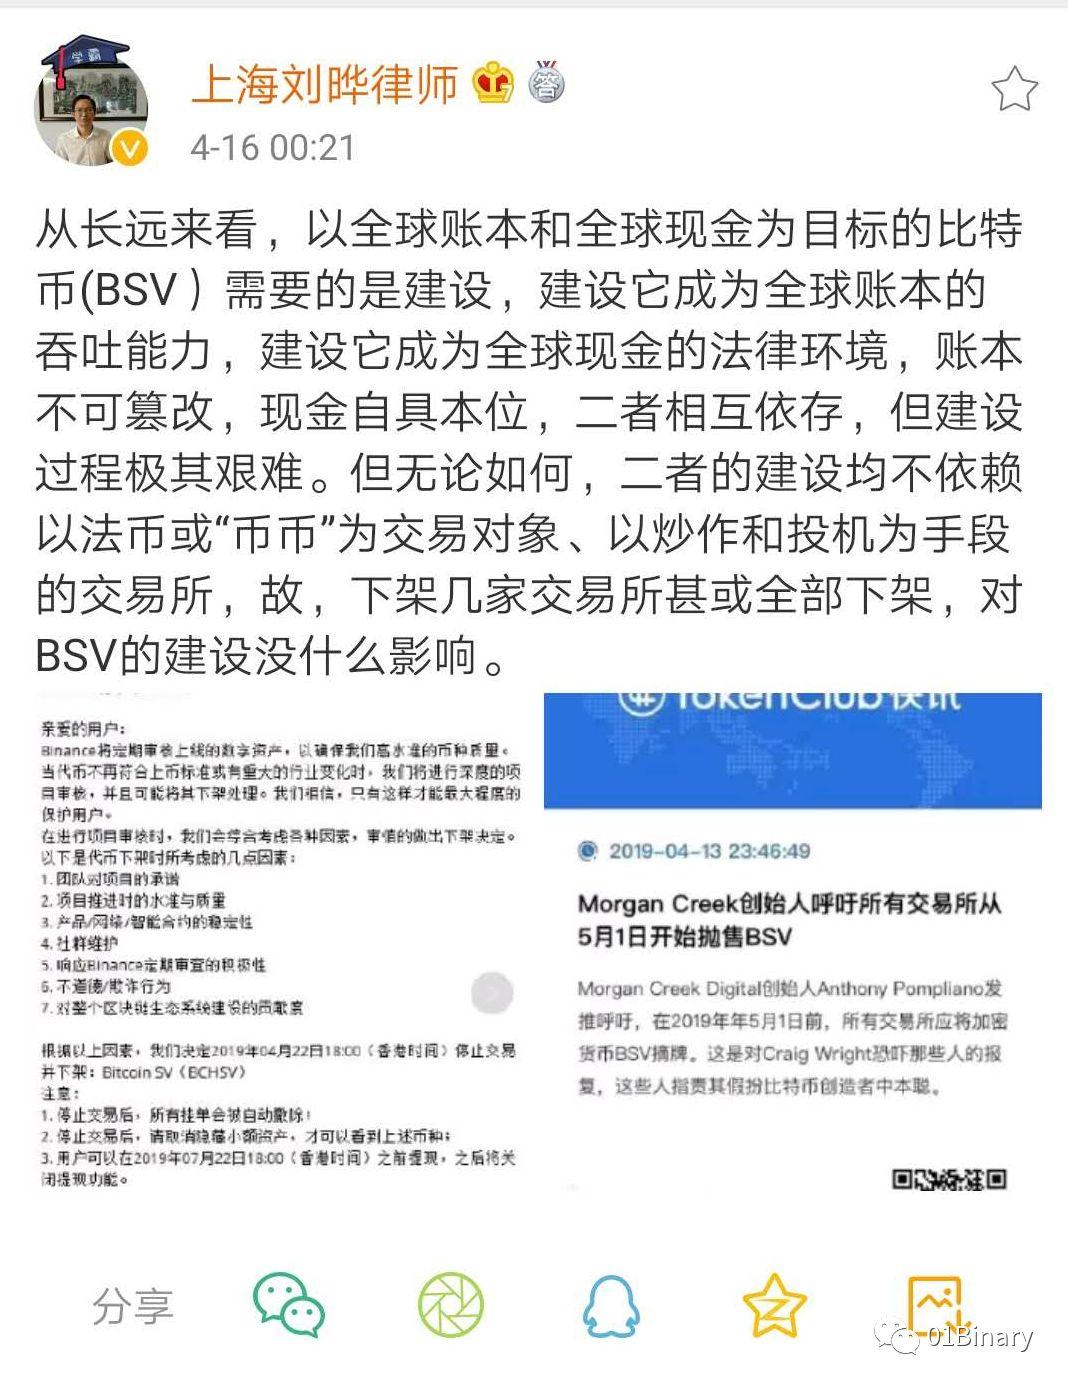 下架BSV,赵长鹏情怀的背后是独裁?